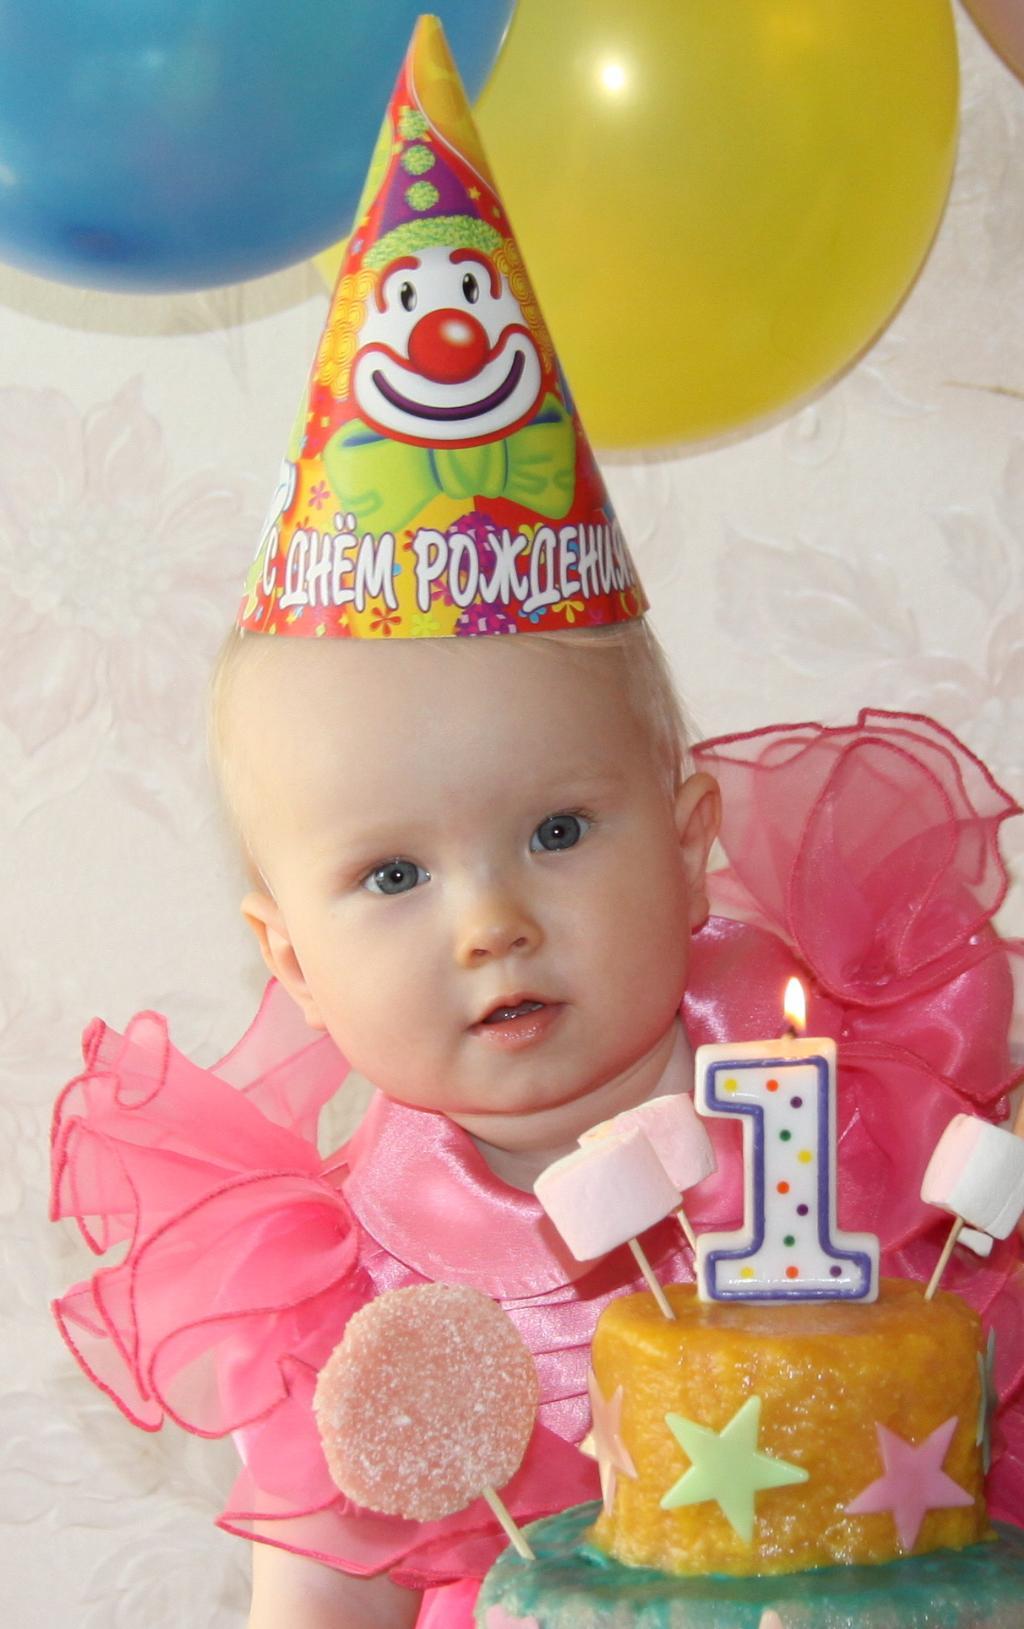 Мой первый День Рождения!. Закрытое голосование фотоконкурса 'Первый День рождения'